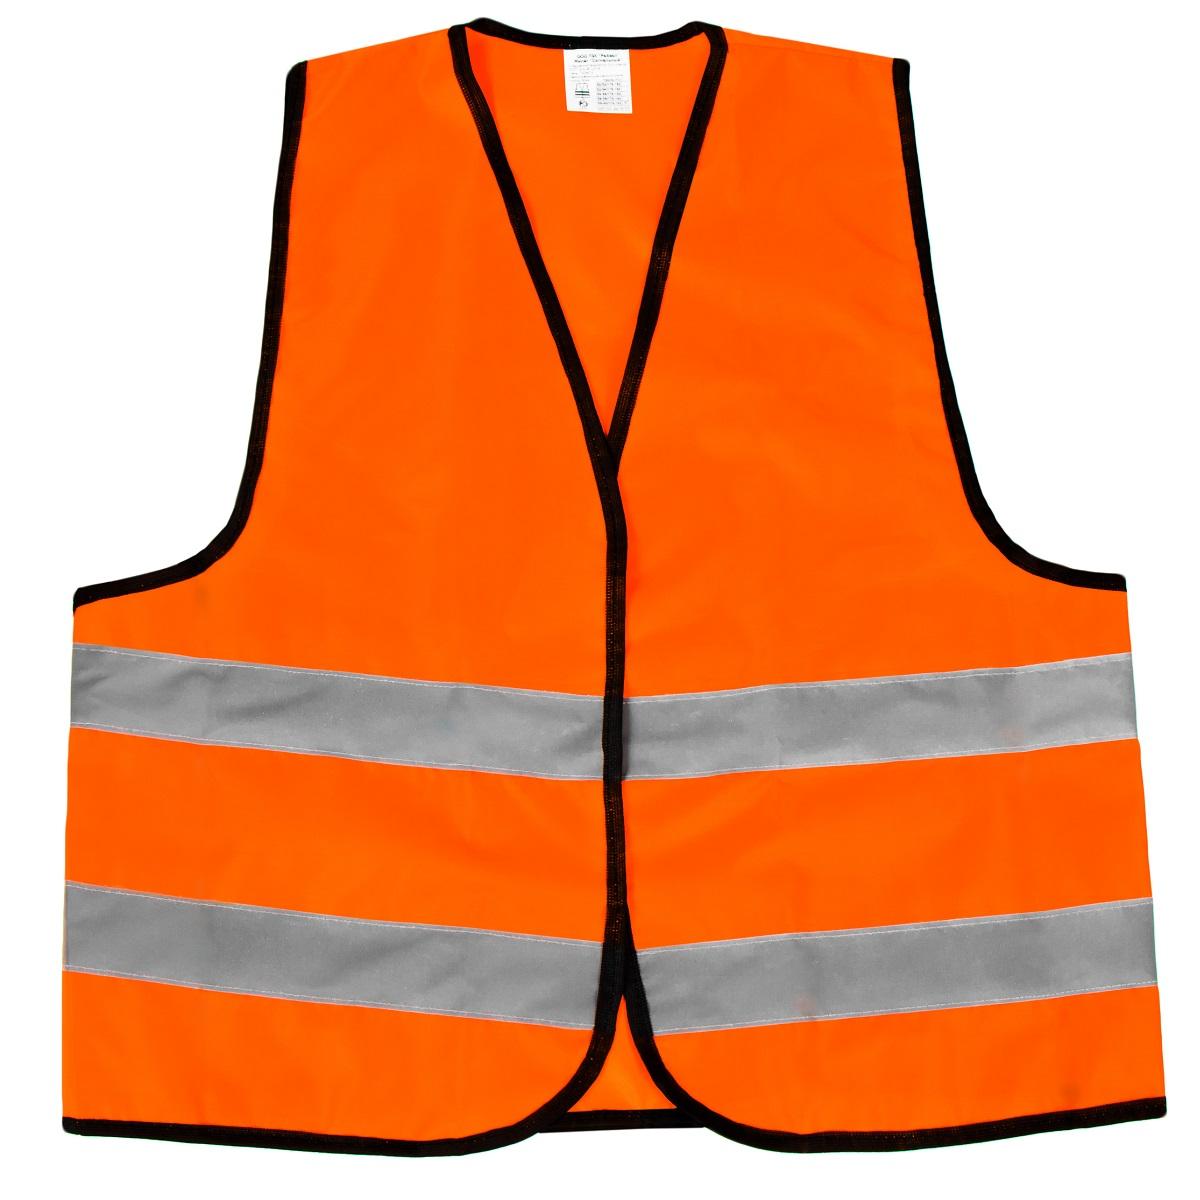 цена на Жилет светоотражающий Rival Сигнальный, 2 класс защиты, цвет: оранжевый. Размер L